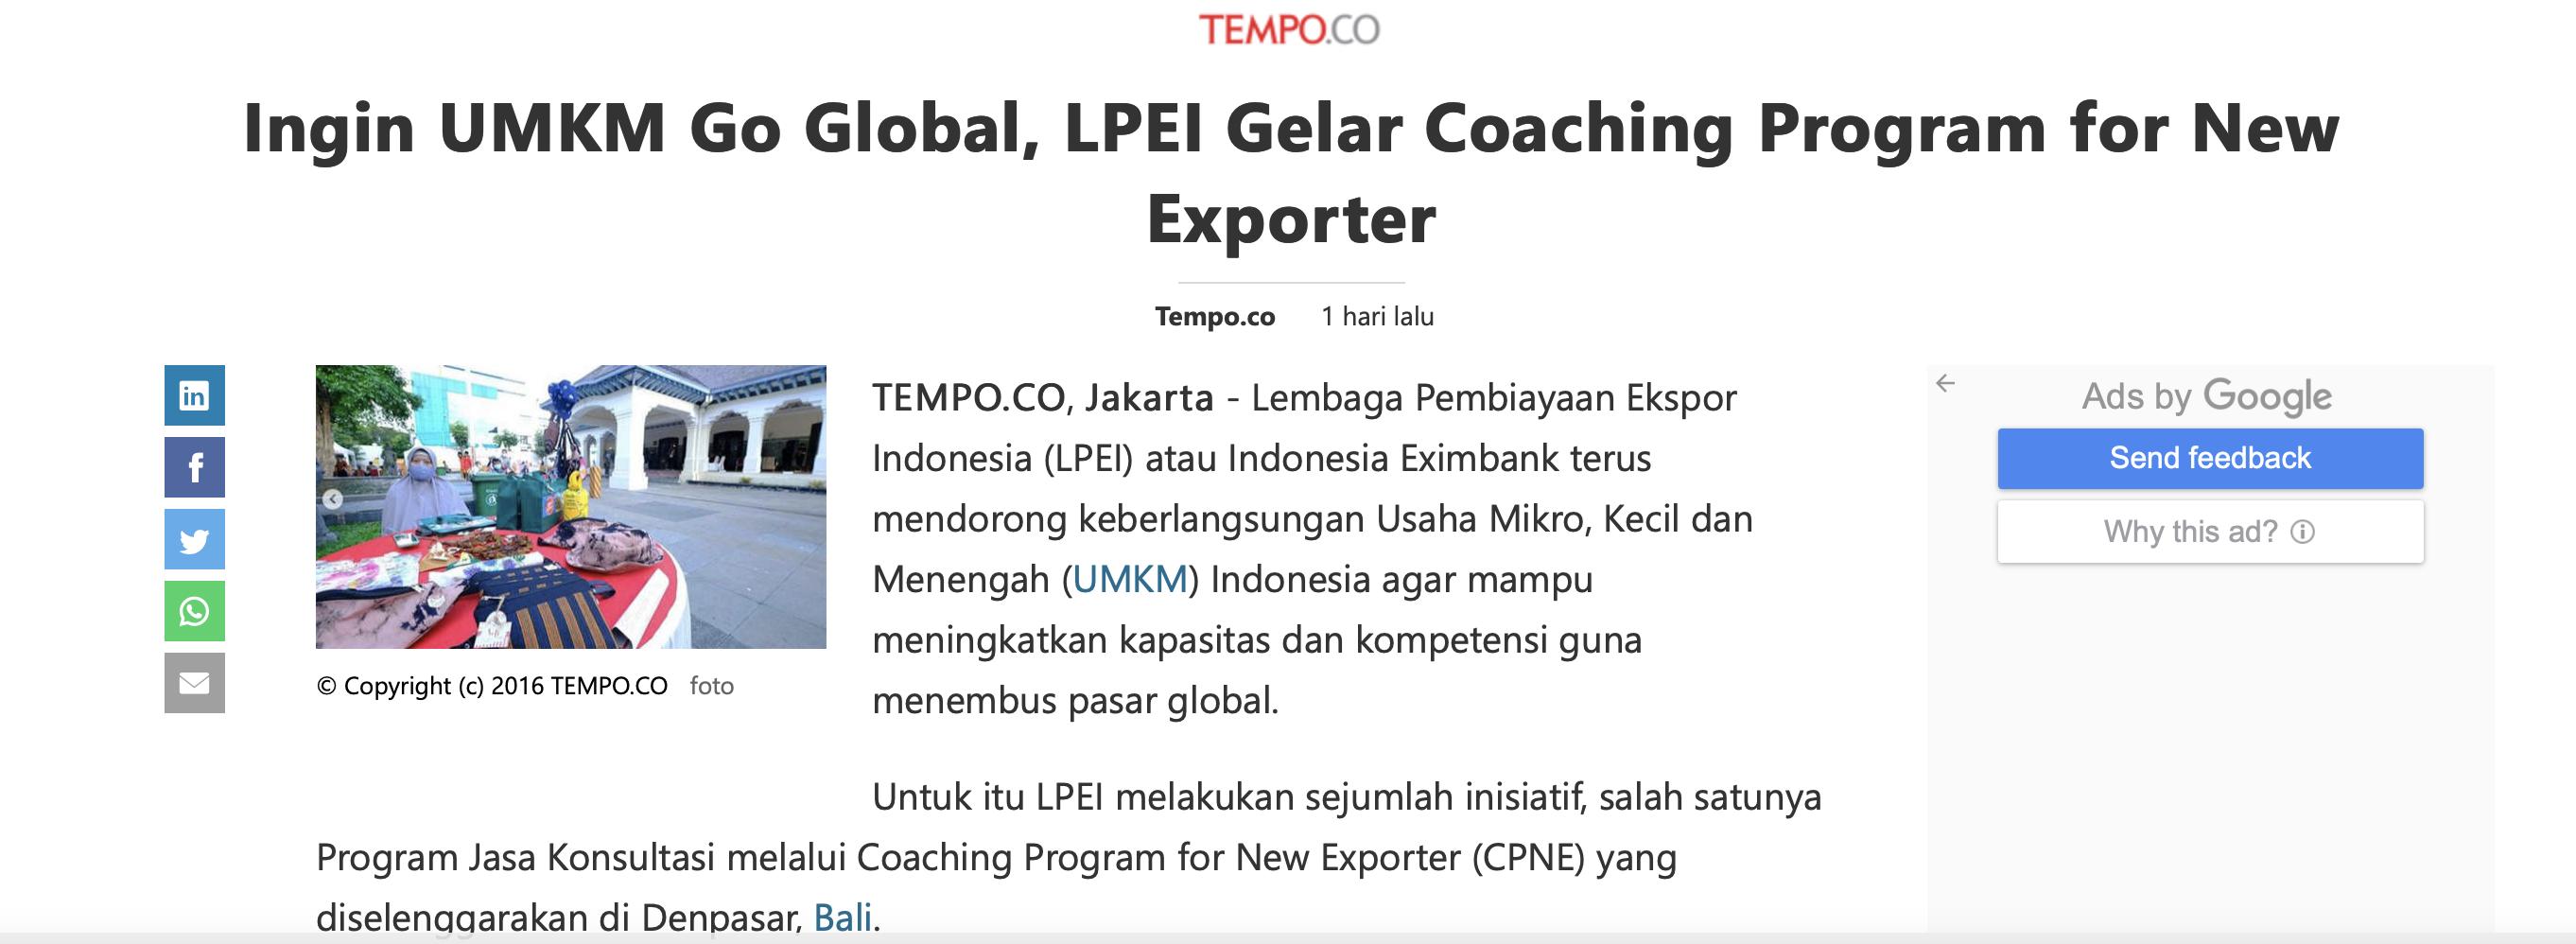 Ingin UMKM Go Global, LPEI Gelar Coaching Program for New Exporter